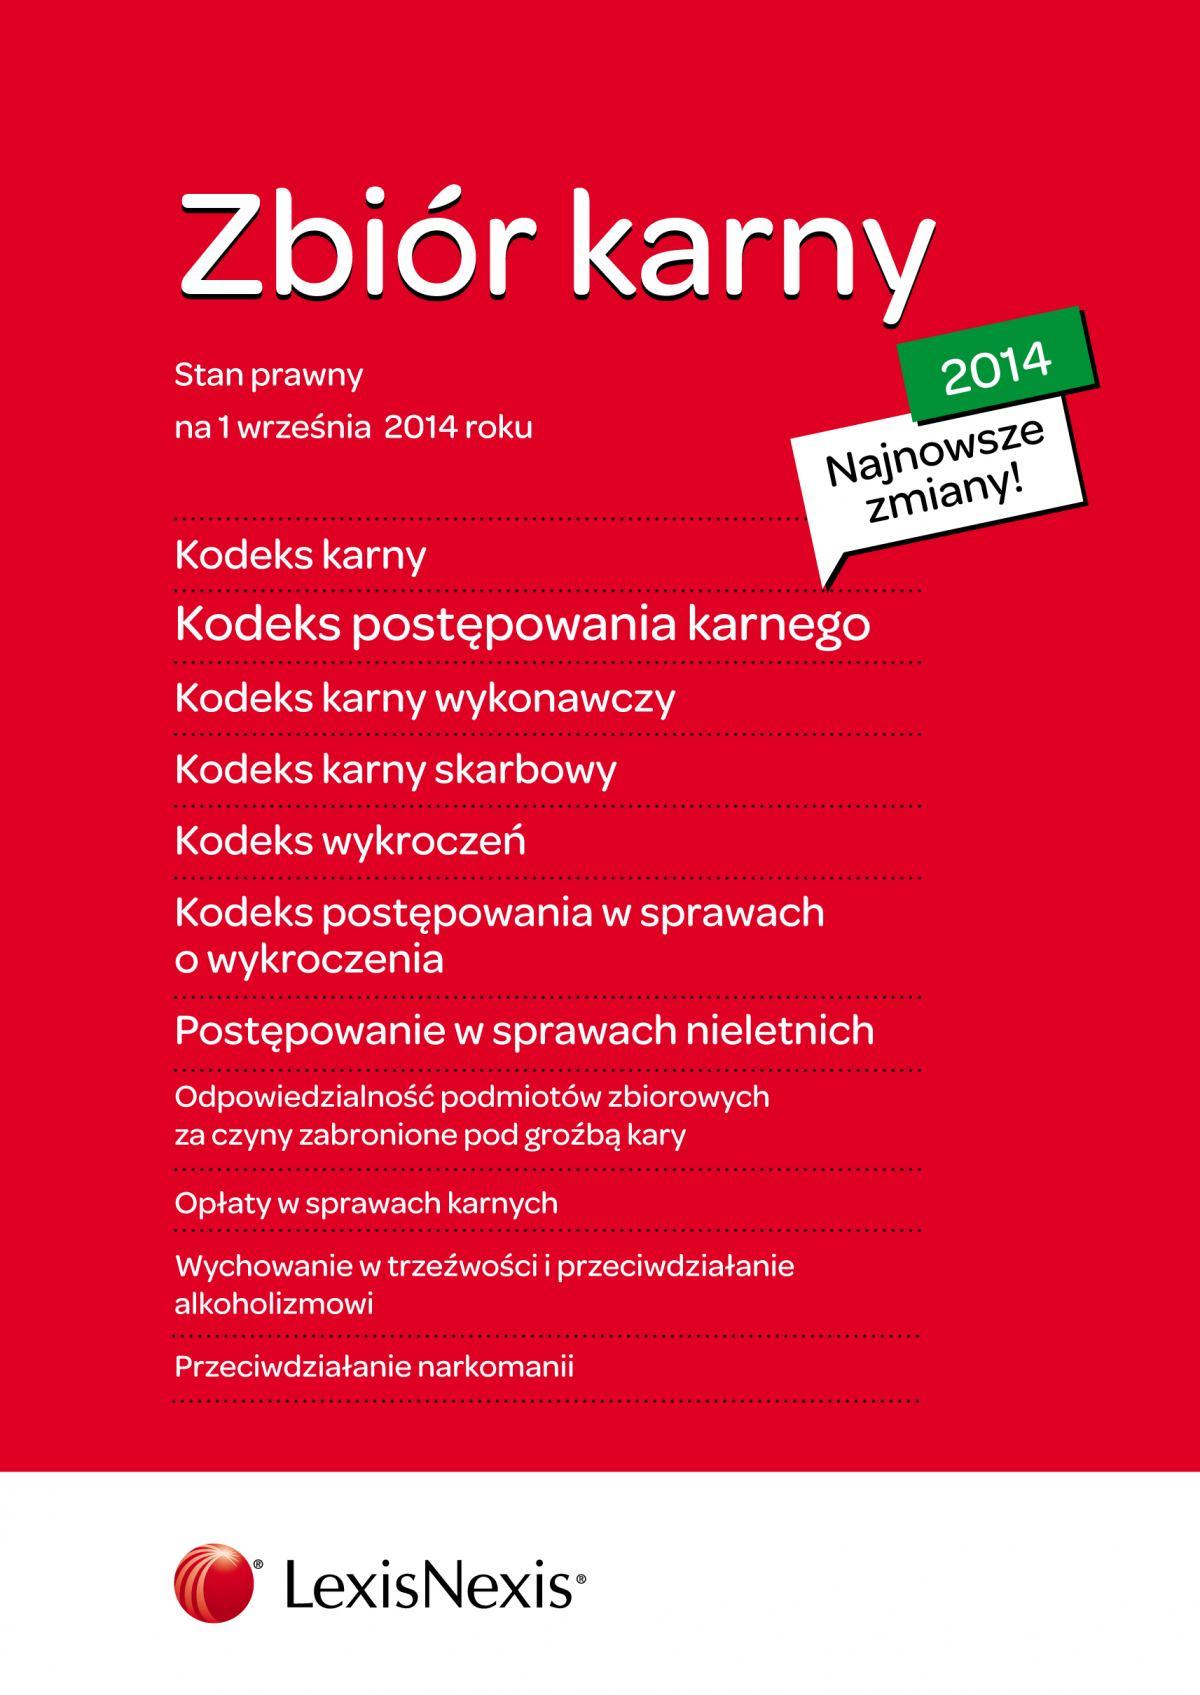 Zbiór karny 2014. Wydanie 4 - Ebook (Książka EPUB) do pobrania w formacie EPUB